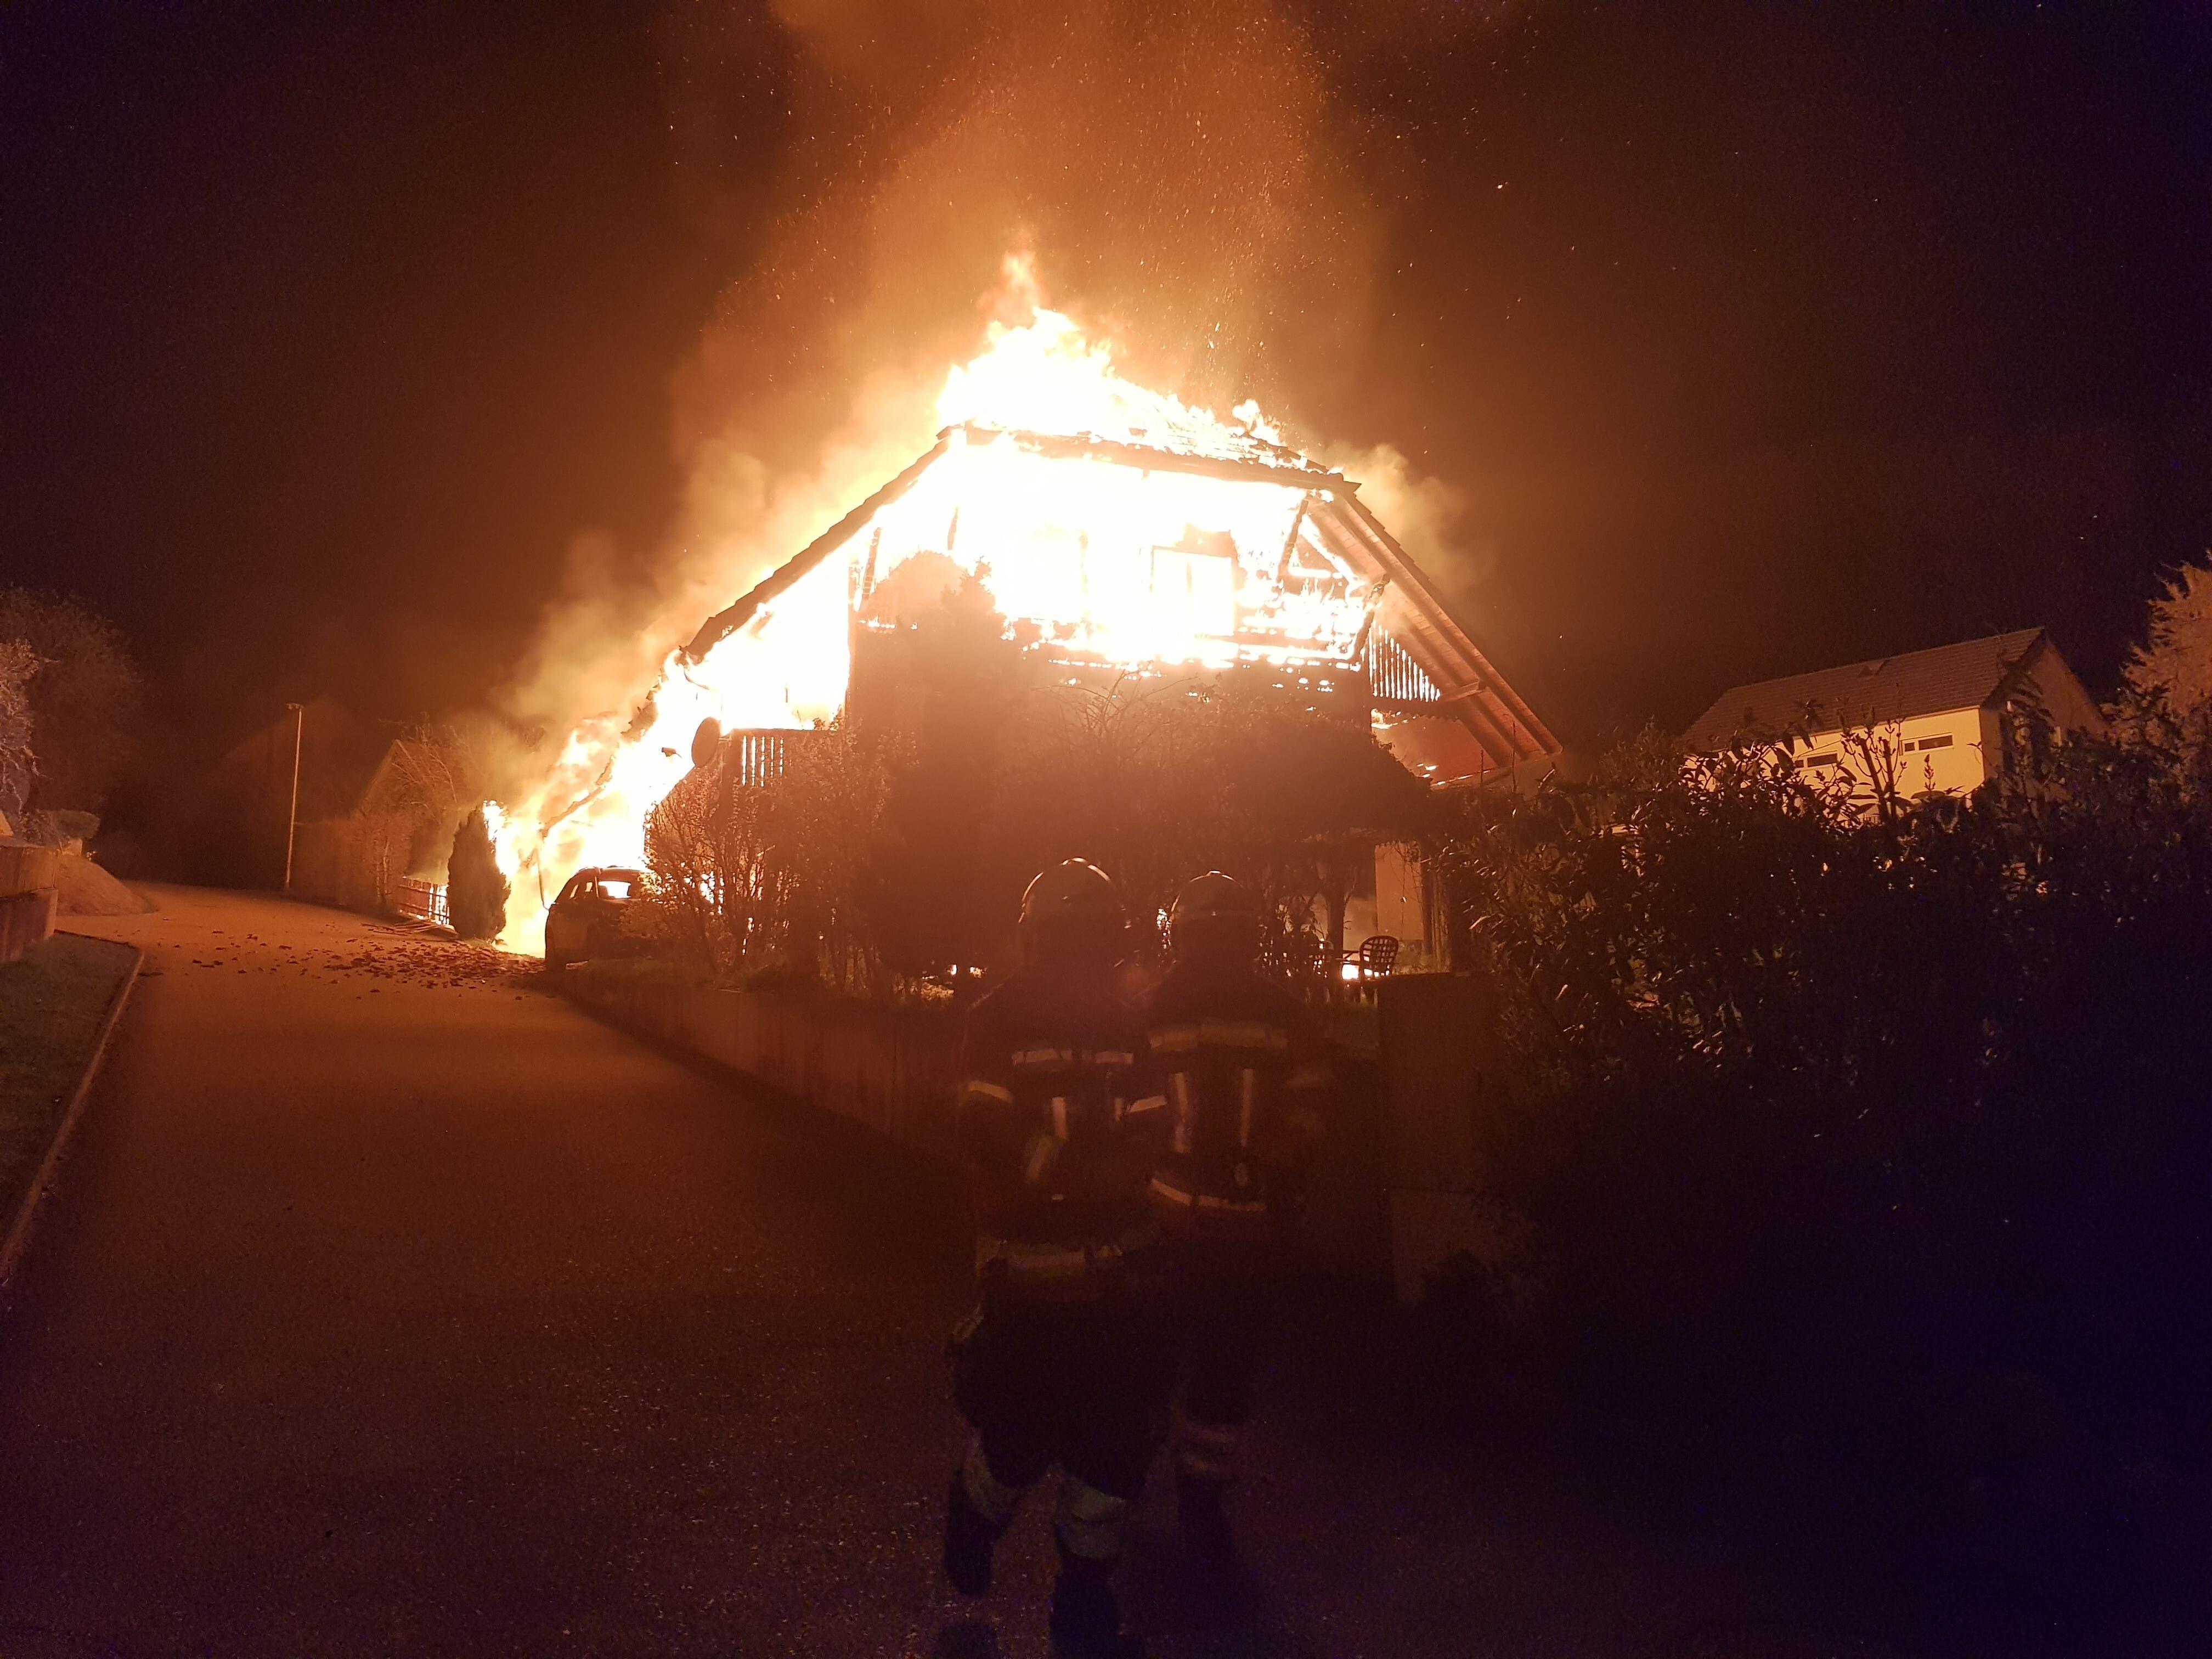 Bei Eintreffen der Feuerwehr brannte das Haus bereits lichterloh.